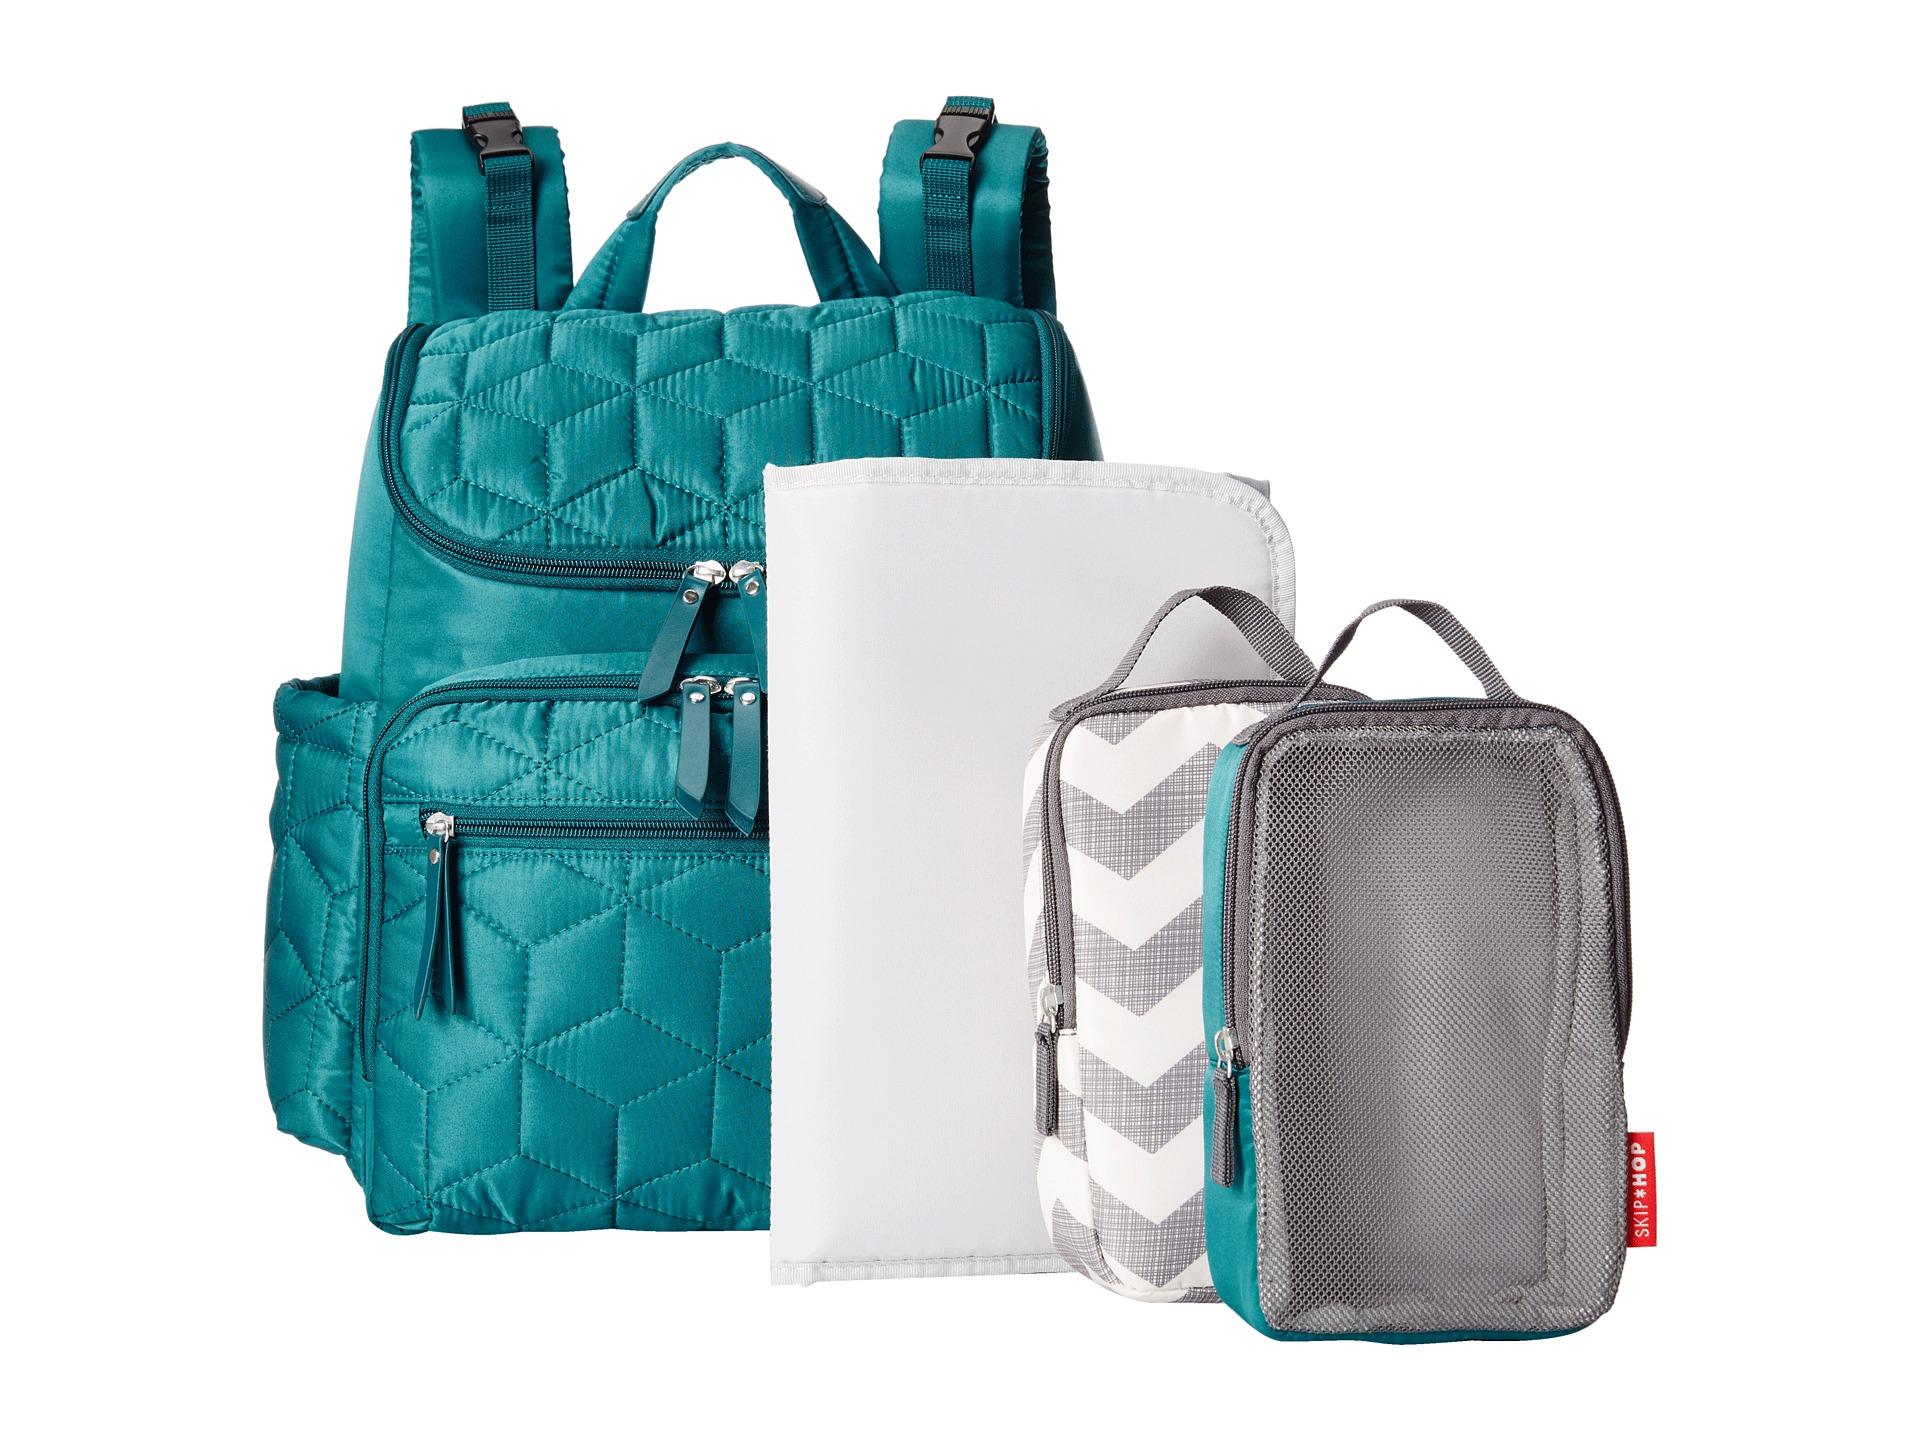 skip hop forma backpack diaper bag peacock skip hop forma backpack diaper bag peacock skip hop. Black Bedroom Furniture Sets. Home Design Ideas